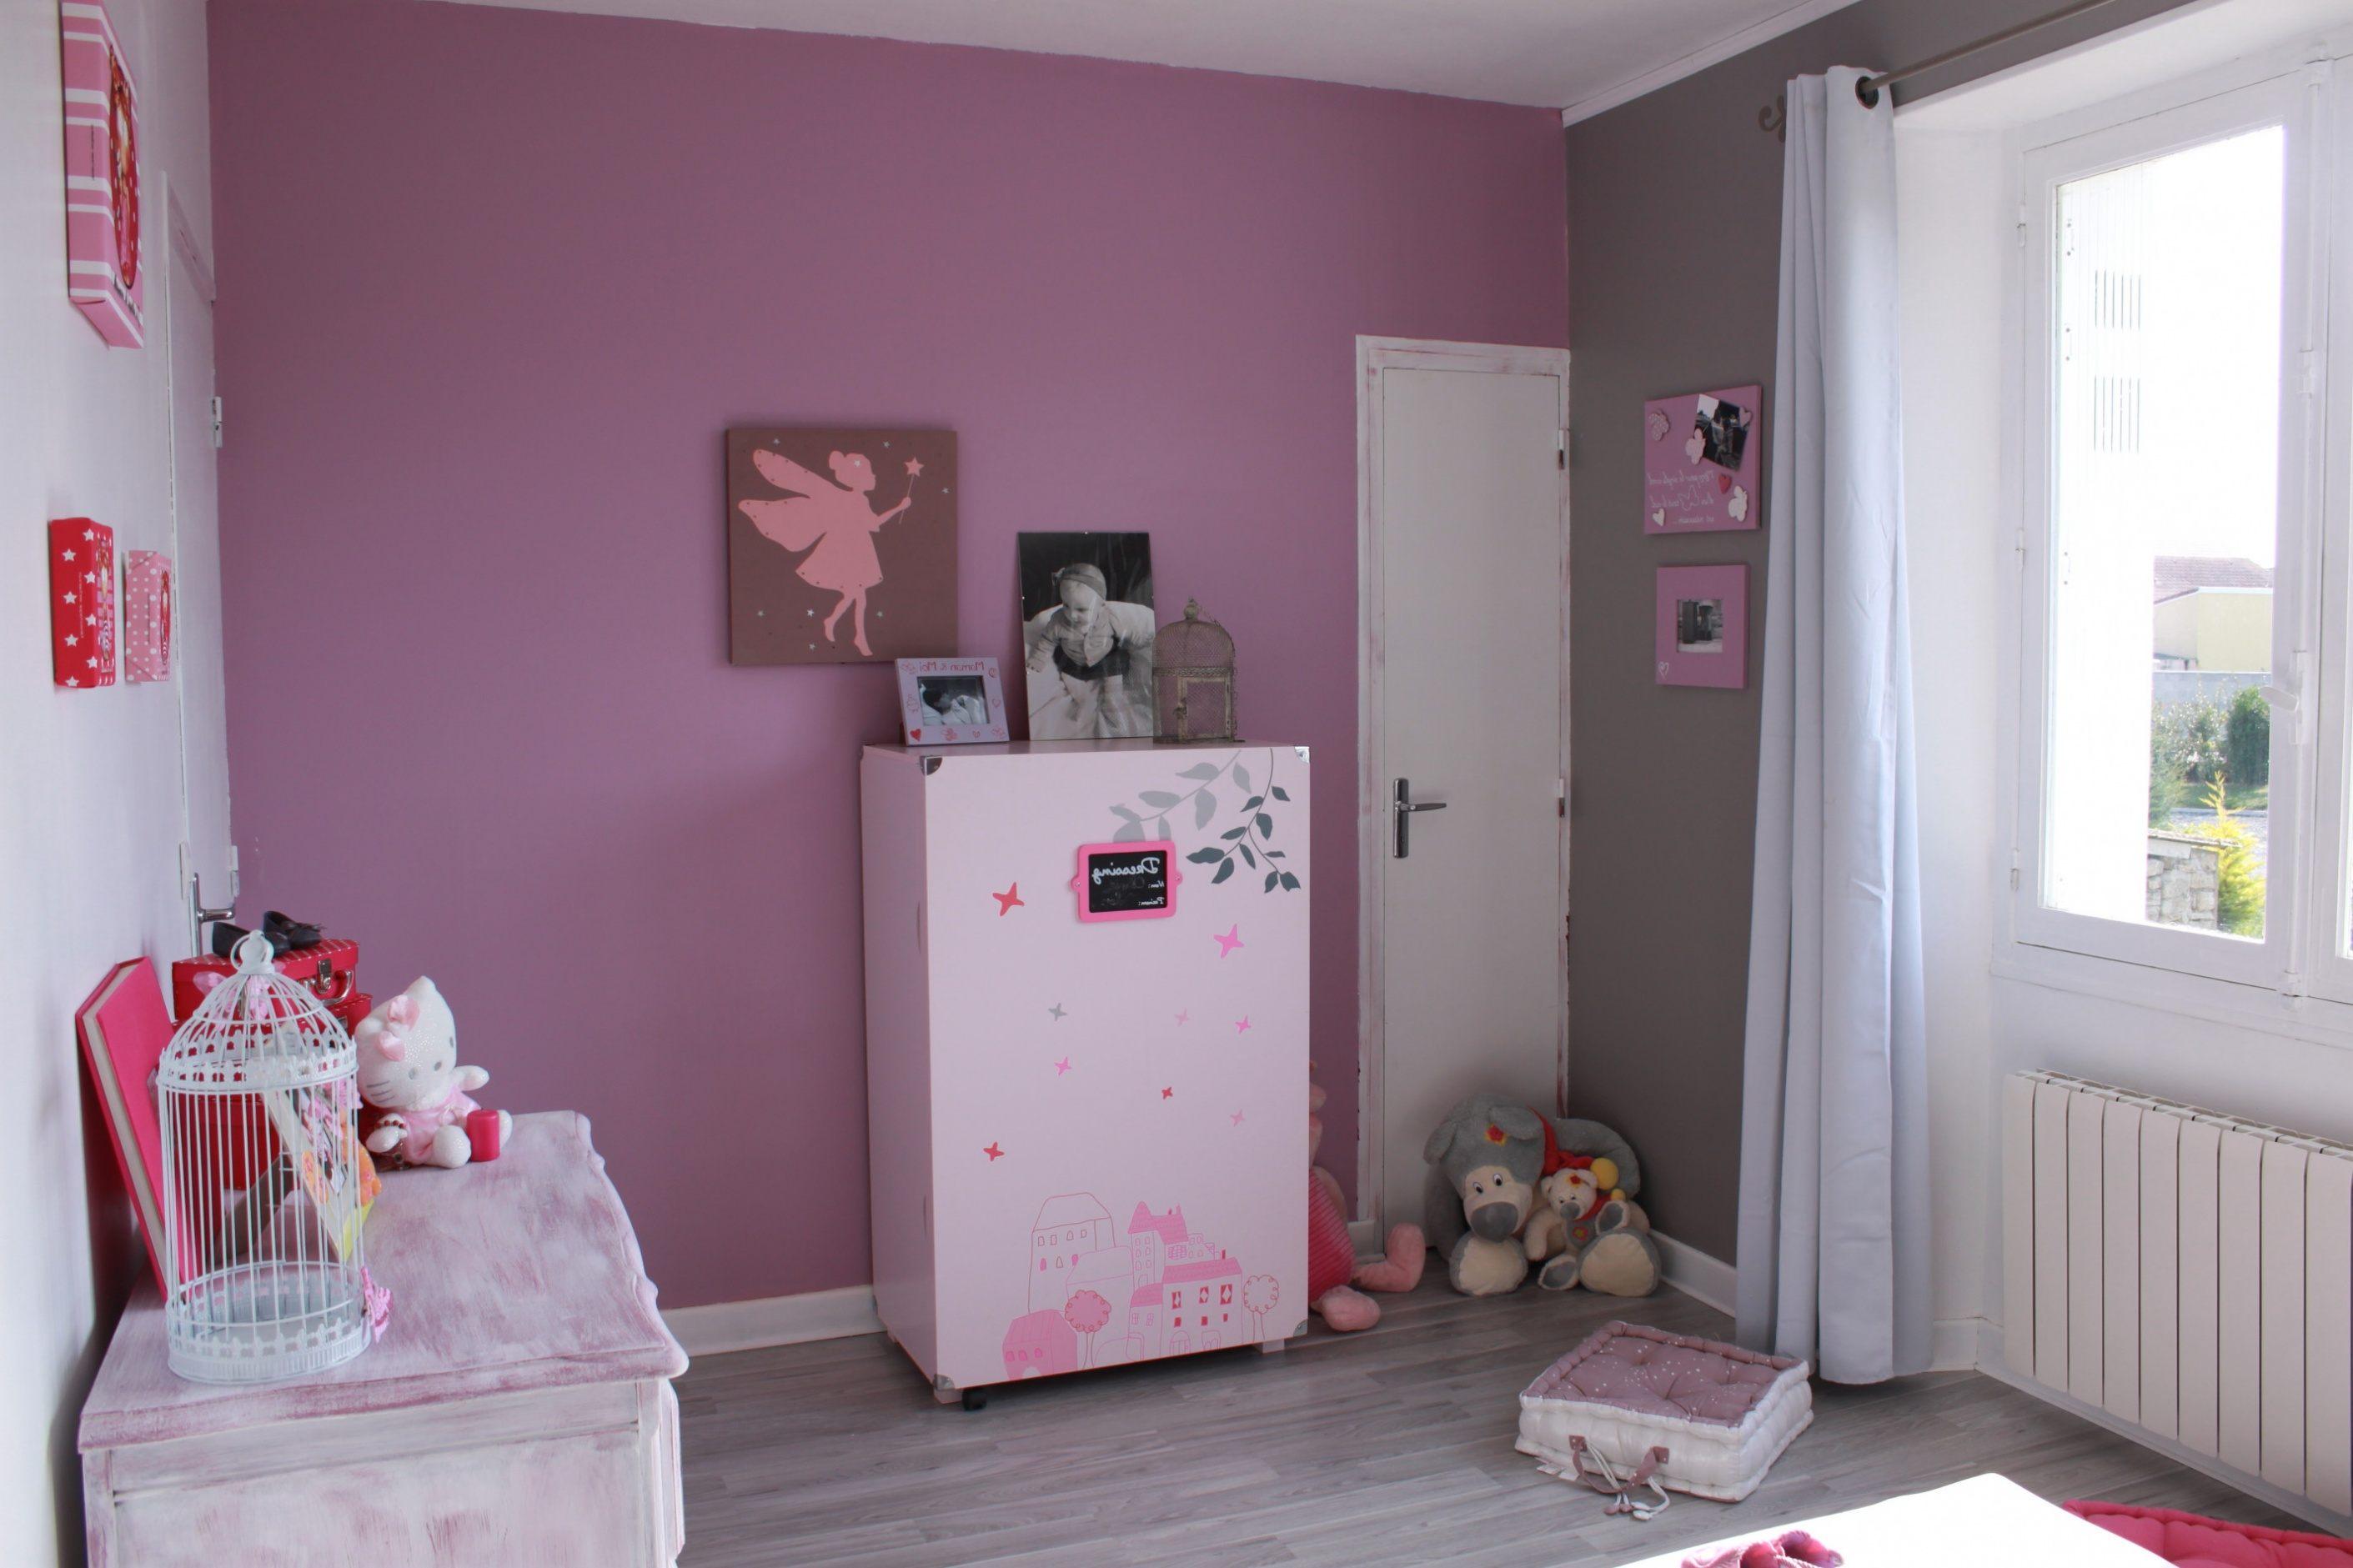 Lit Bébé Natalys Unique Maha De Rangement Chambre Bébé Mahagranda De Home